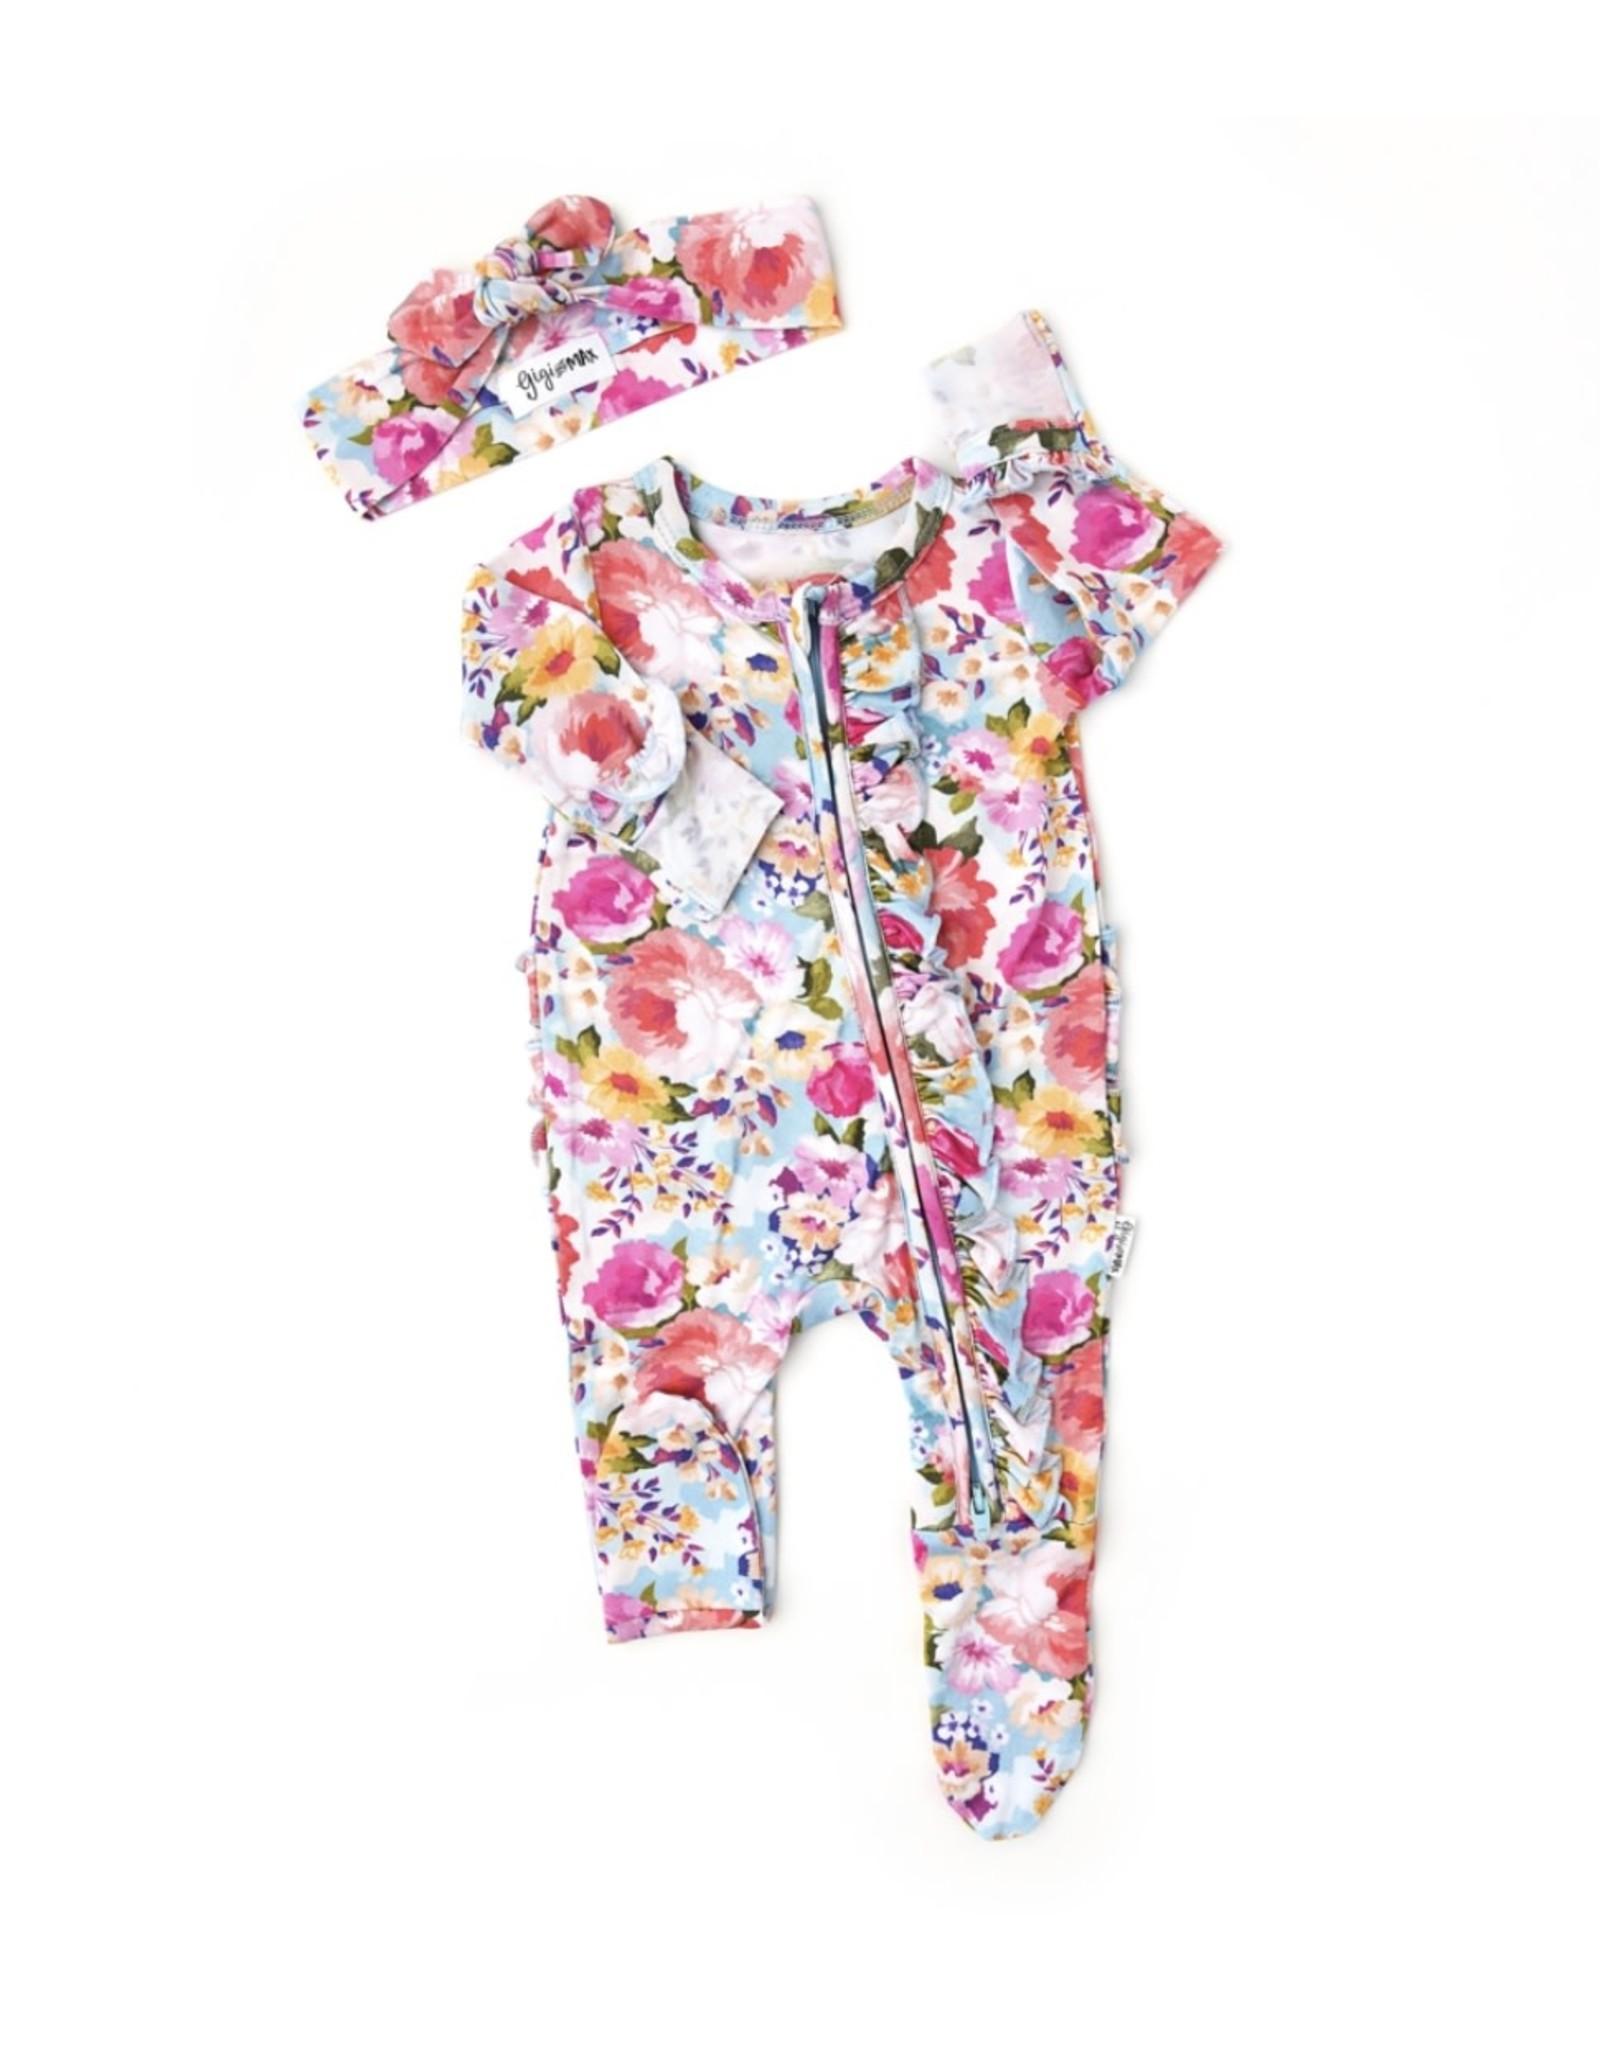 Gigi & Max Gigi & Max- Brooke Floral Ruffle Newborn Zipper Footie & Headband Set